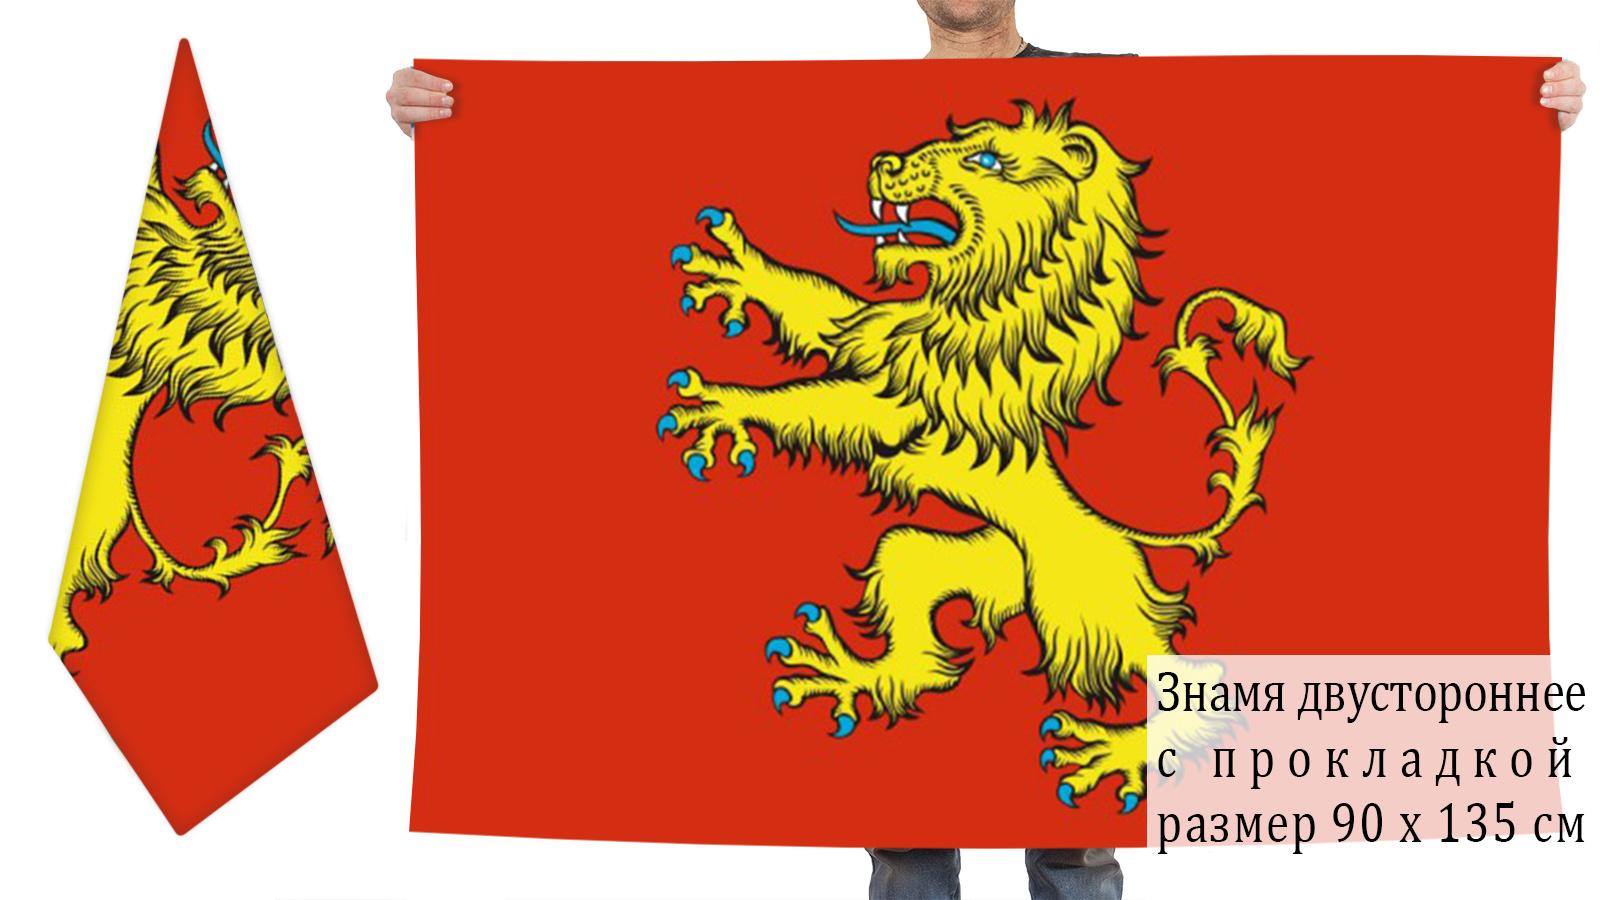 Флаг г. Ржев заказать онлайн